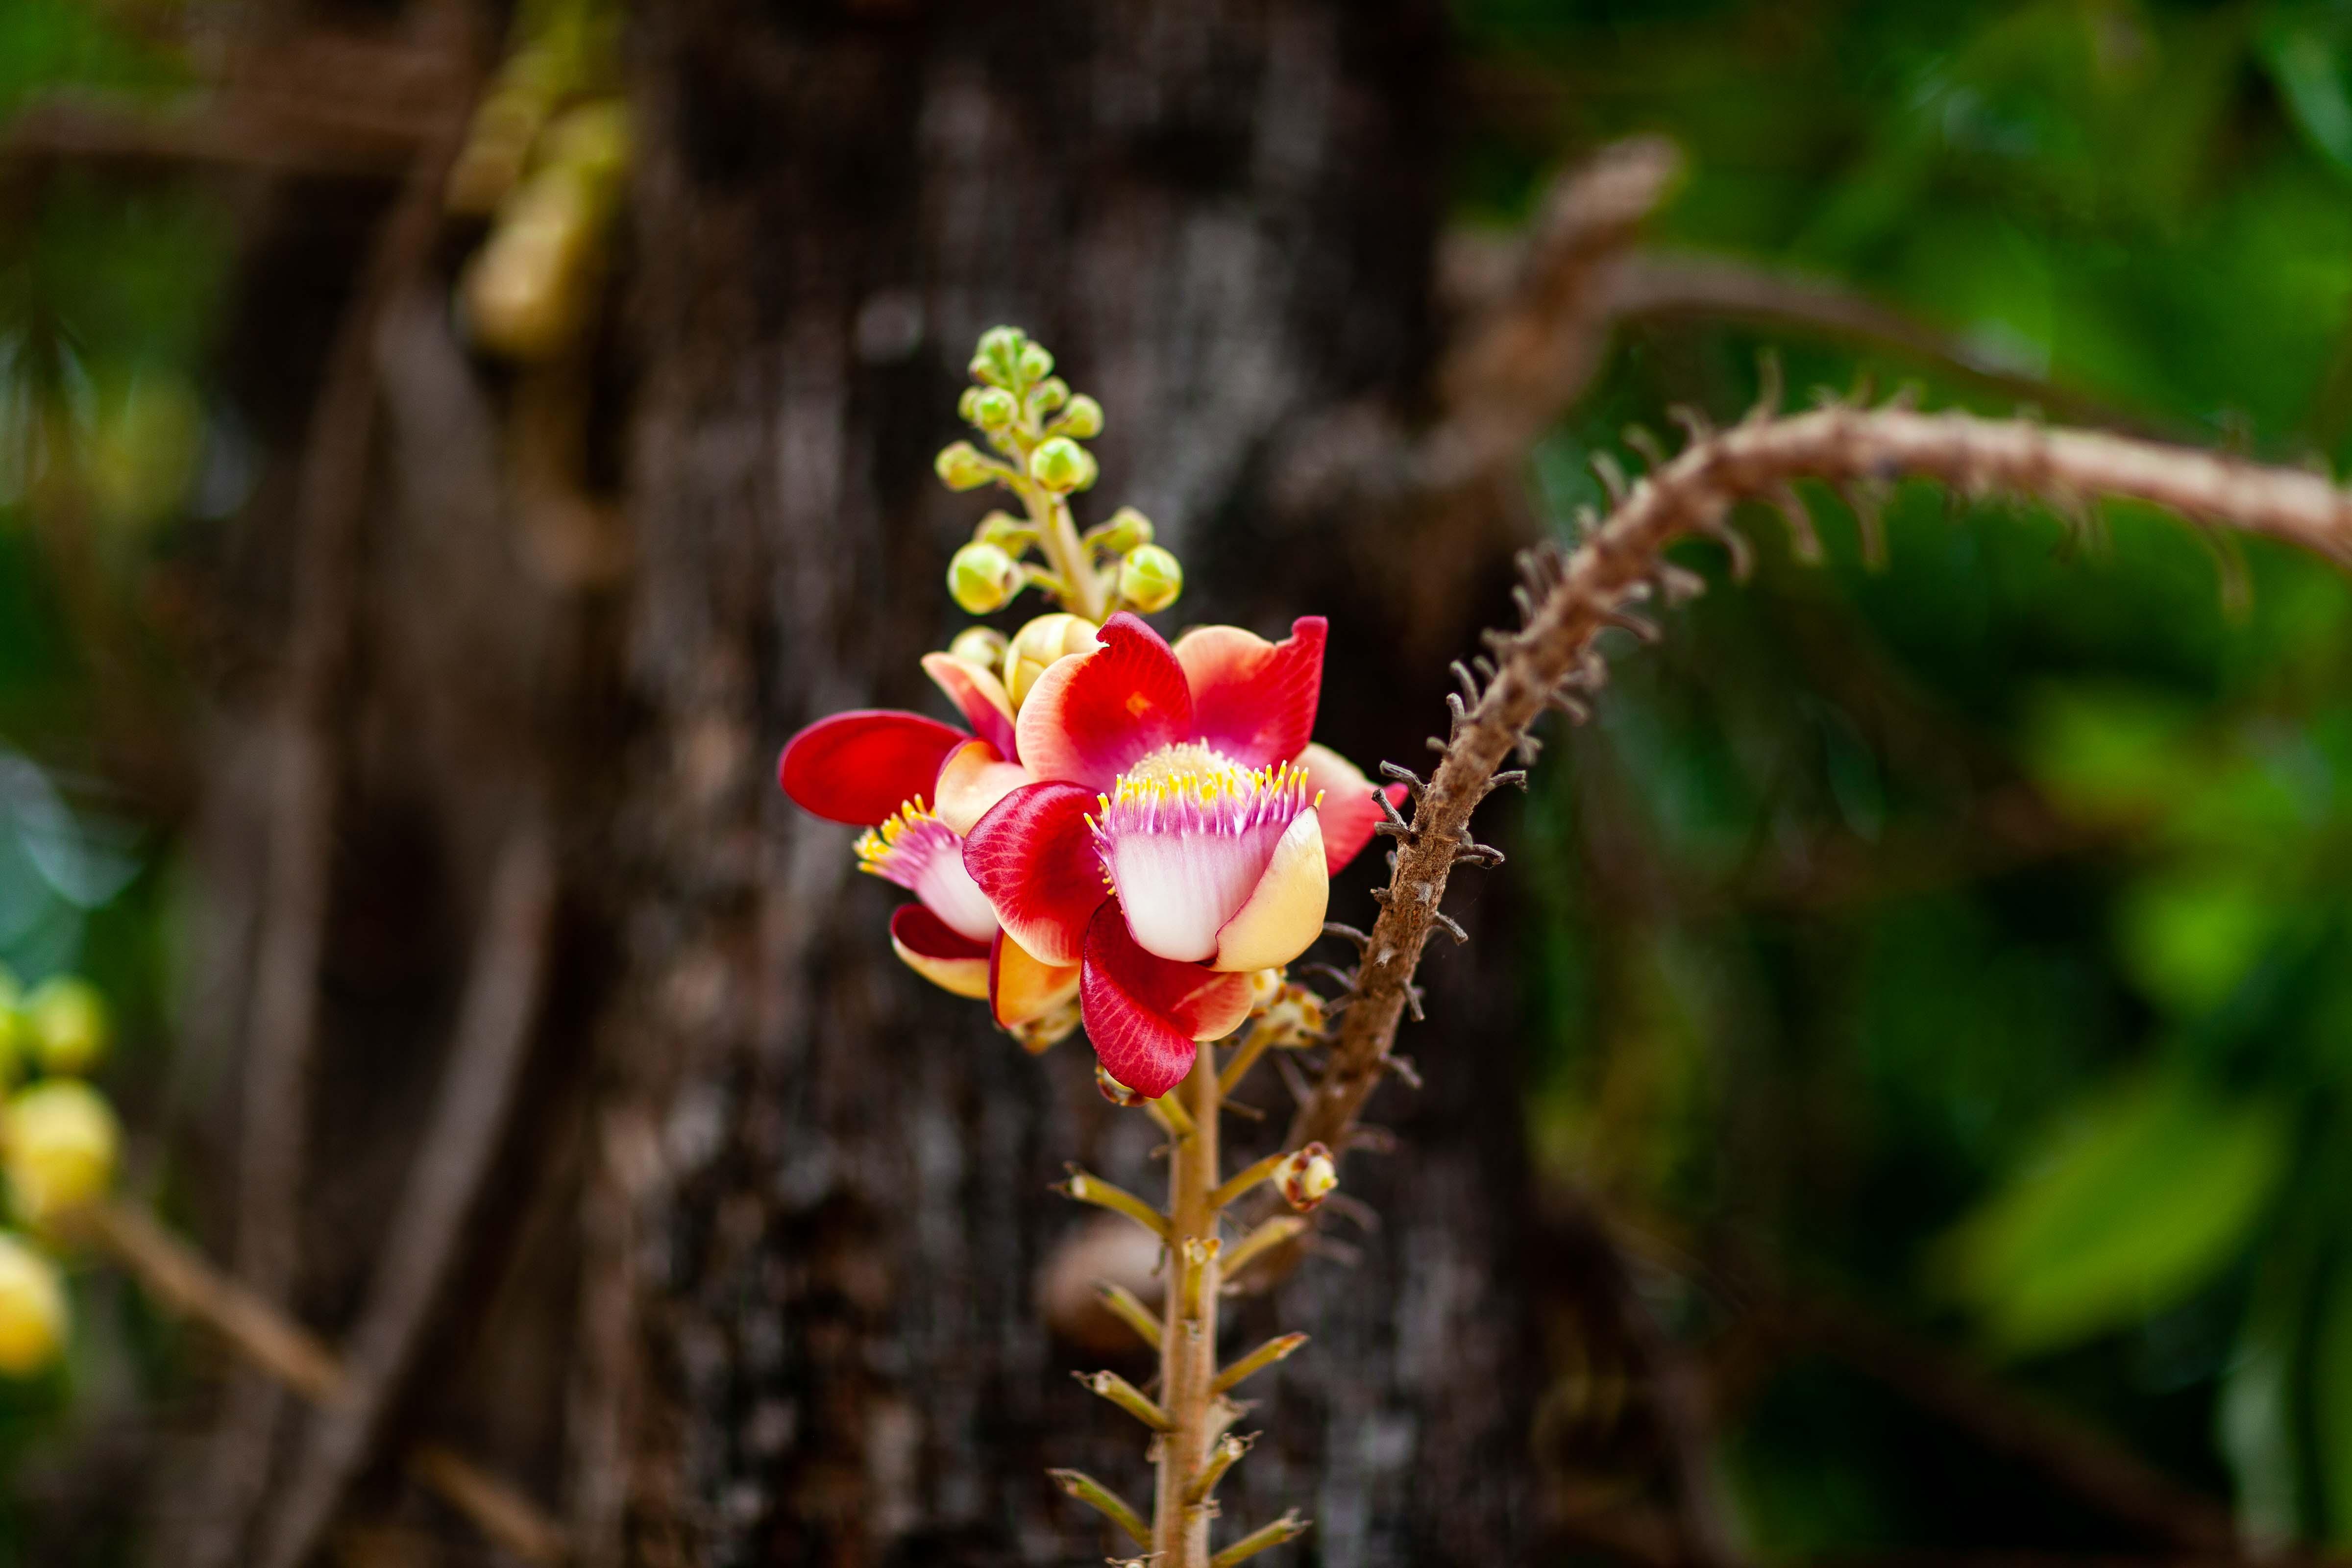 Cambodia, Baat Dambang Prov, Lotus Flower, 2009, IMG 9663